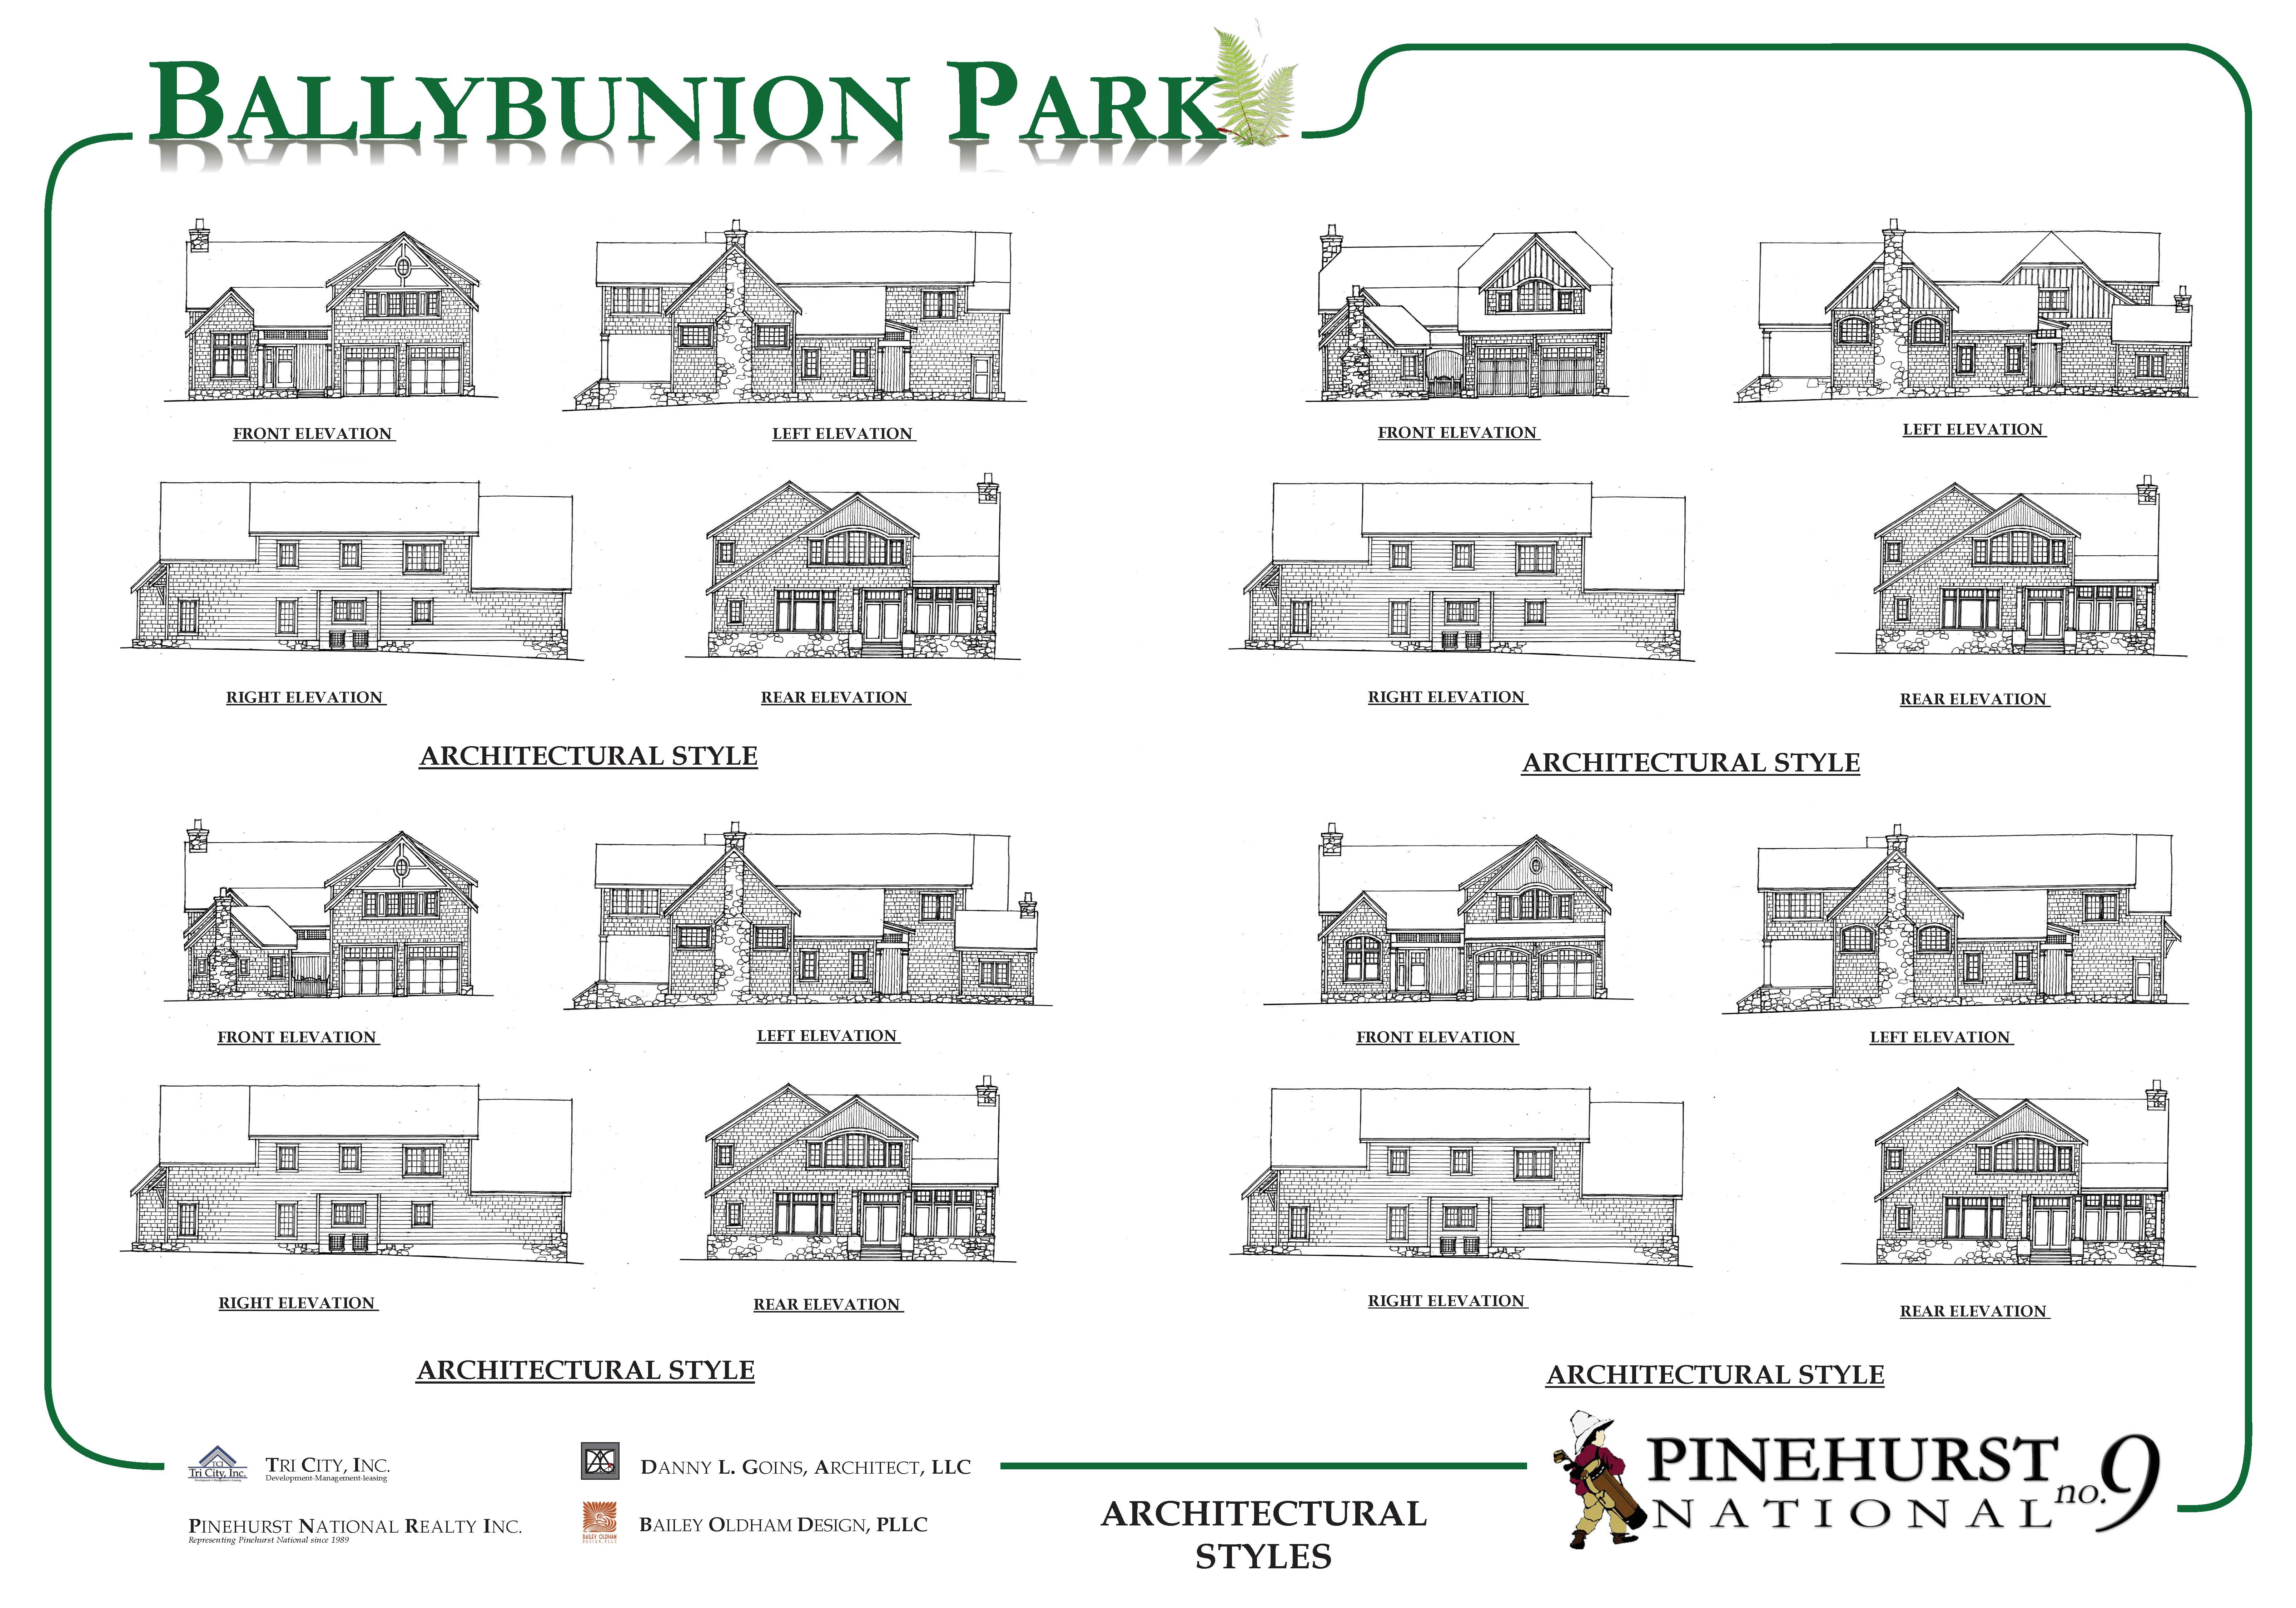 Ballybunion Binder_Page_13